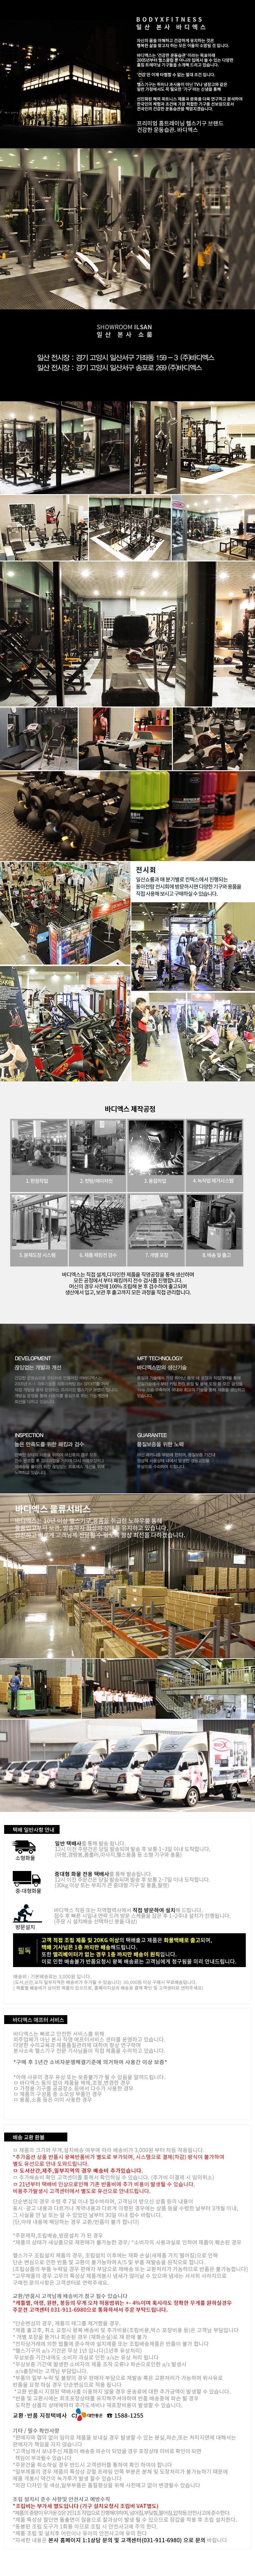 바디엑스 트랜스 폼롤러 (TRANS FOMROLLER) - 바디엑스, 23,000원, 피트니스용품, 매트류